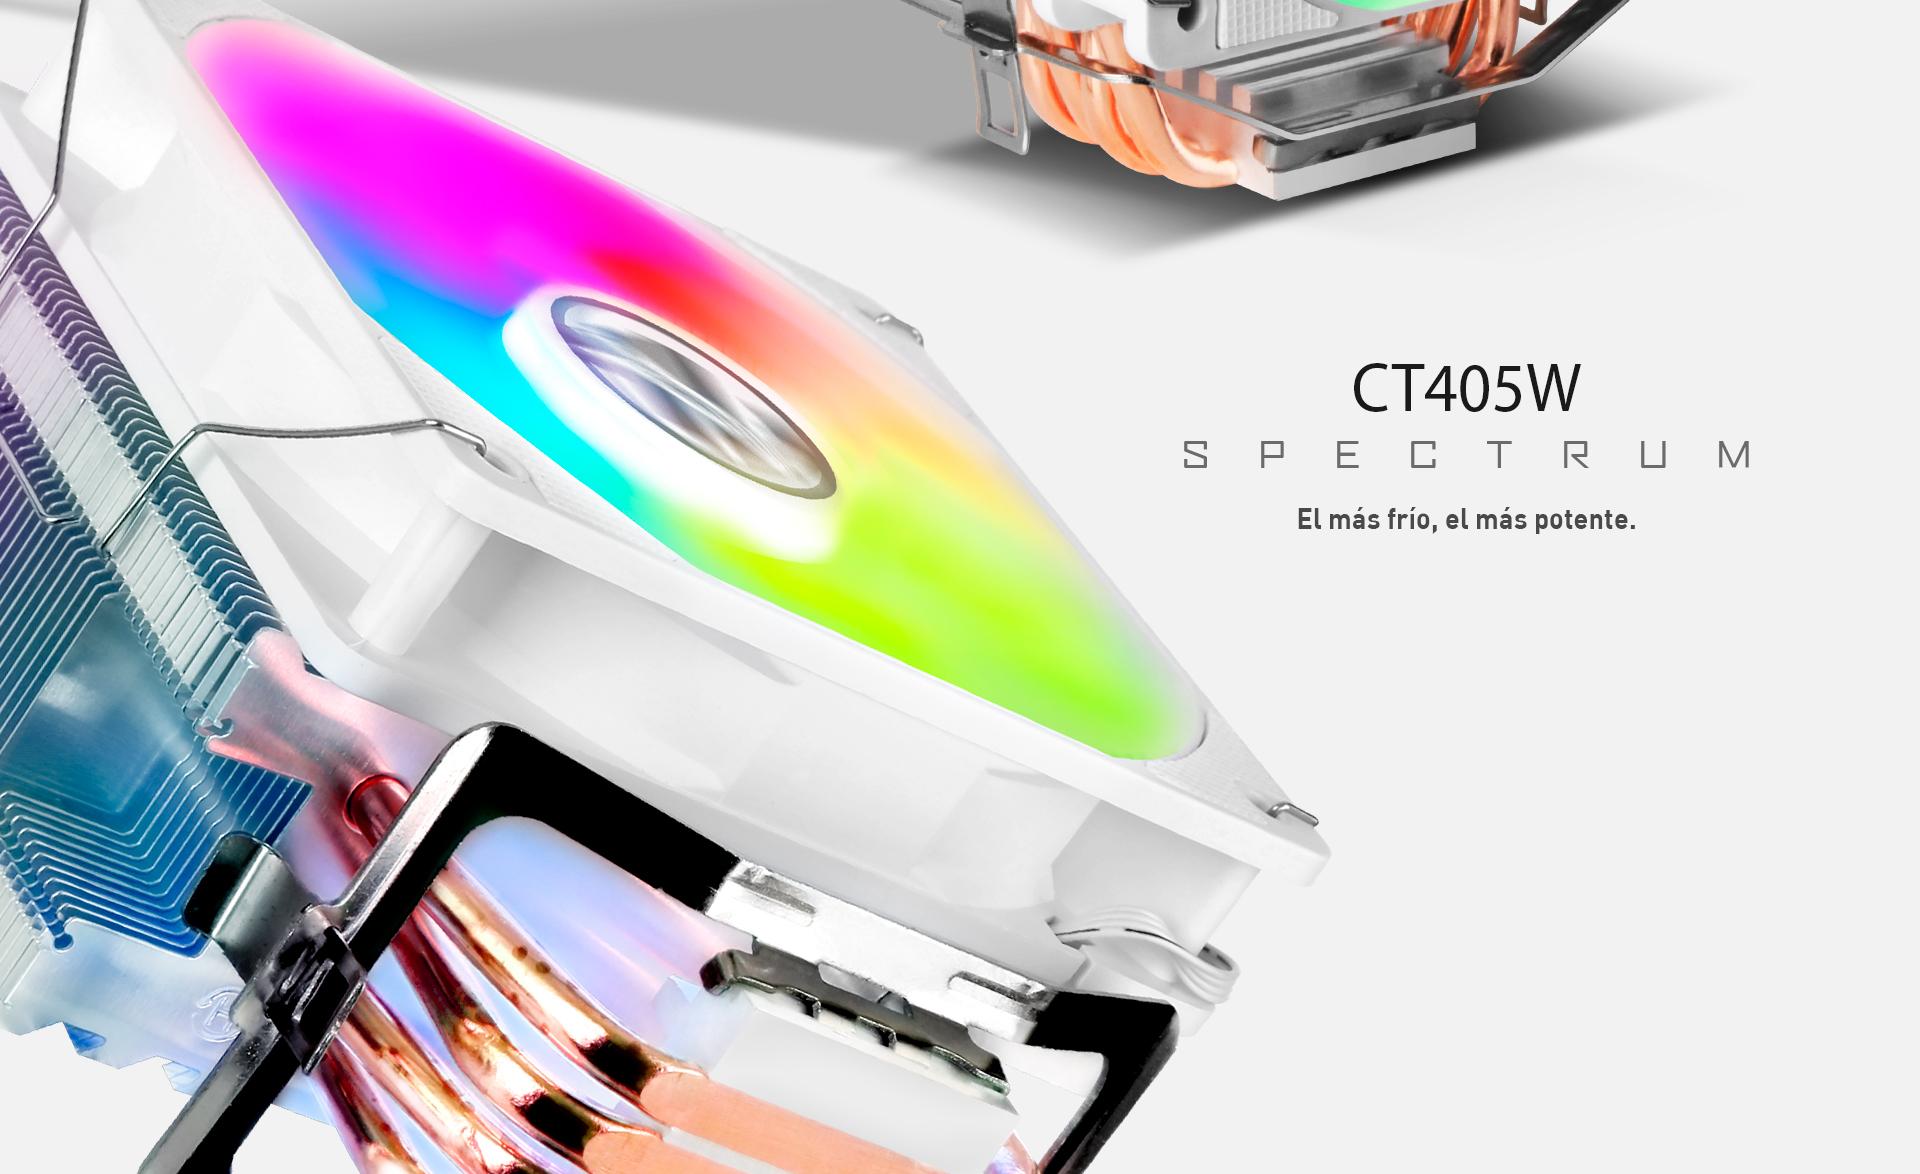 CPU Cooler T405 en color blanco descripción